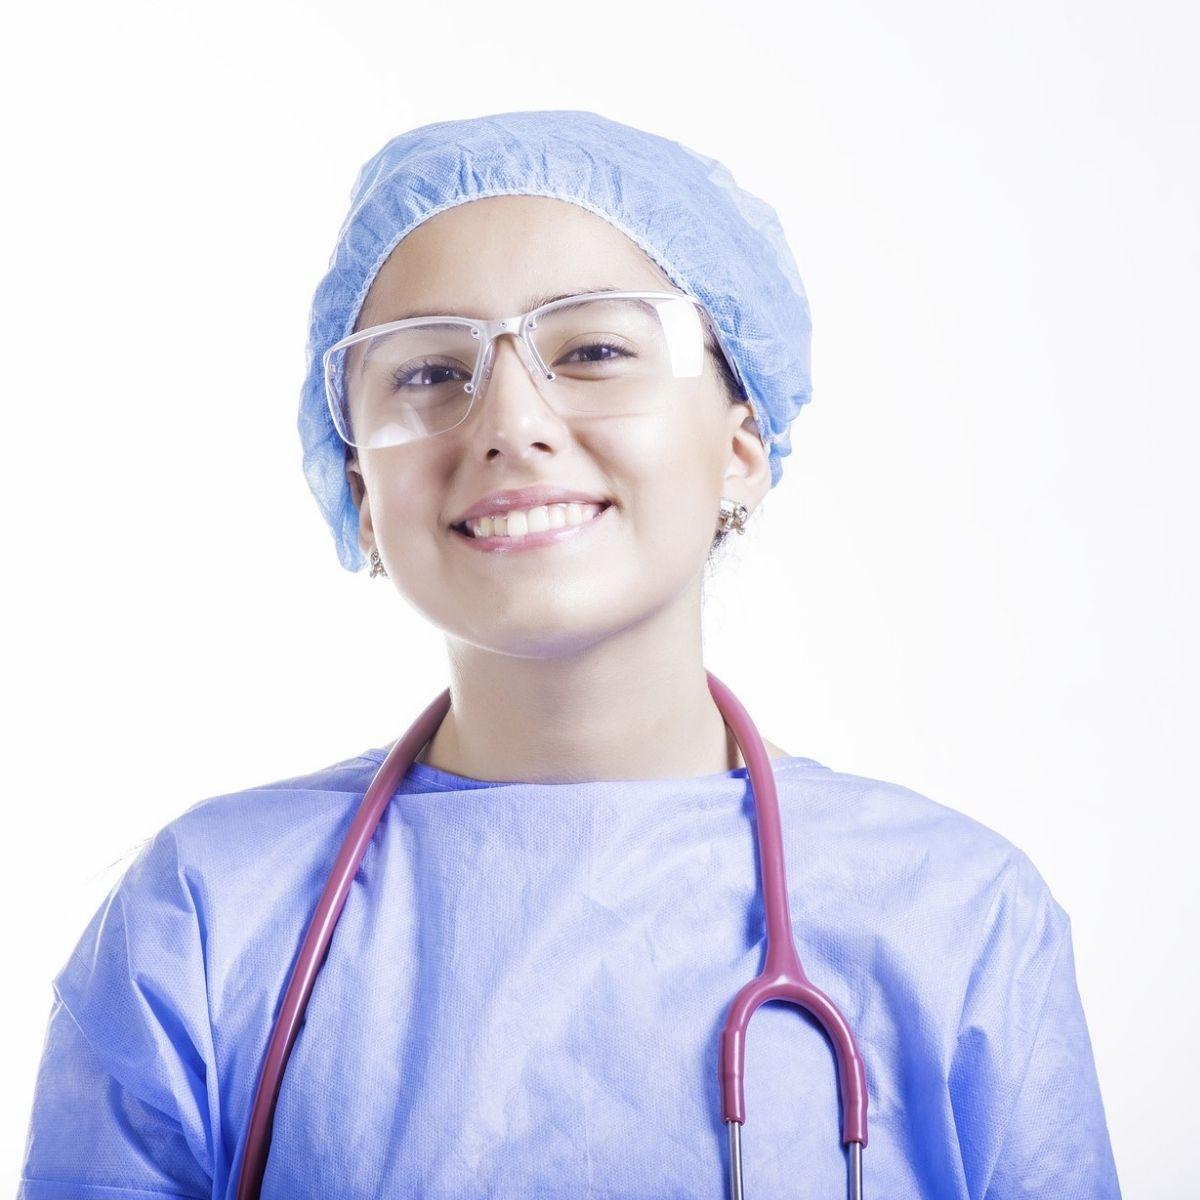 Symbolbild Junge Krankenpflegerin